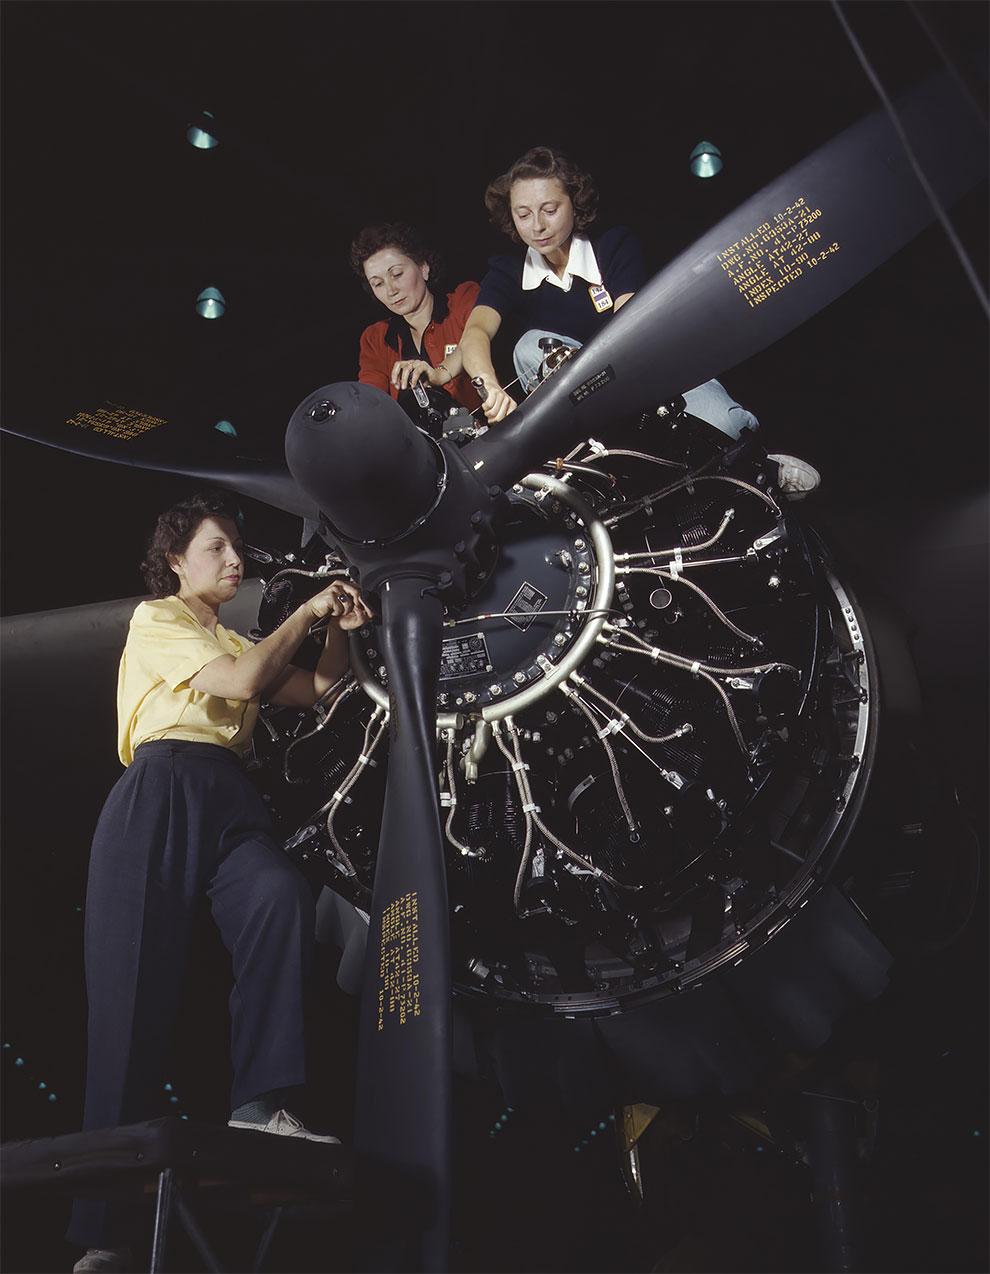 Женщина обучается ремонту авиационных двигателей в Douglas Aircraft Company, Лонг-Бич, Калифорния, 1942 г.